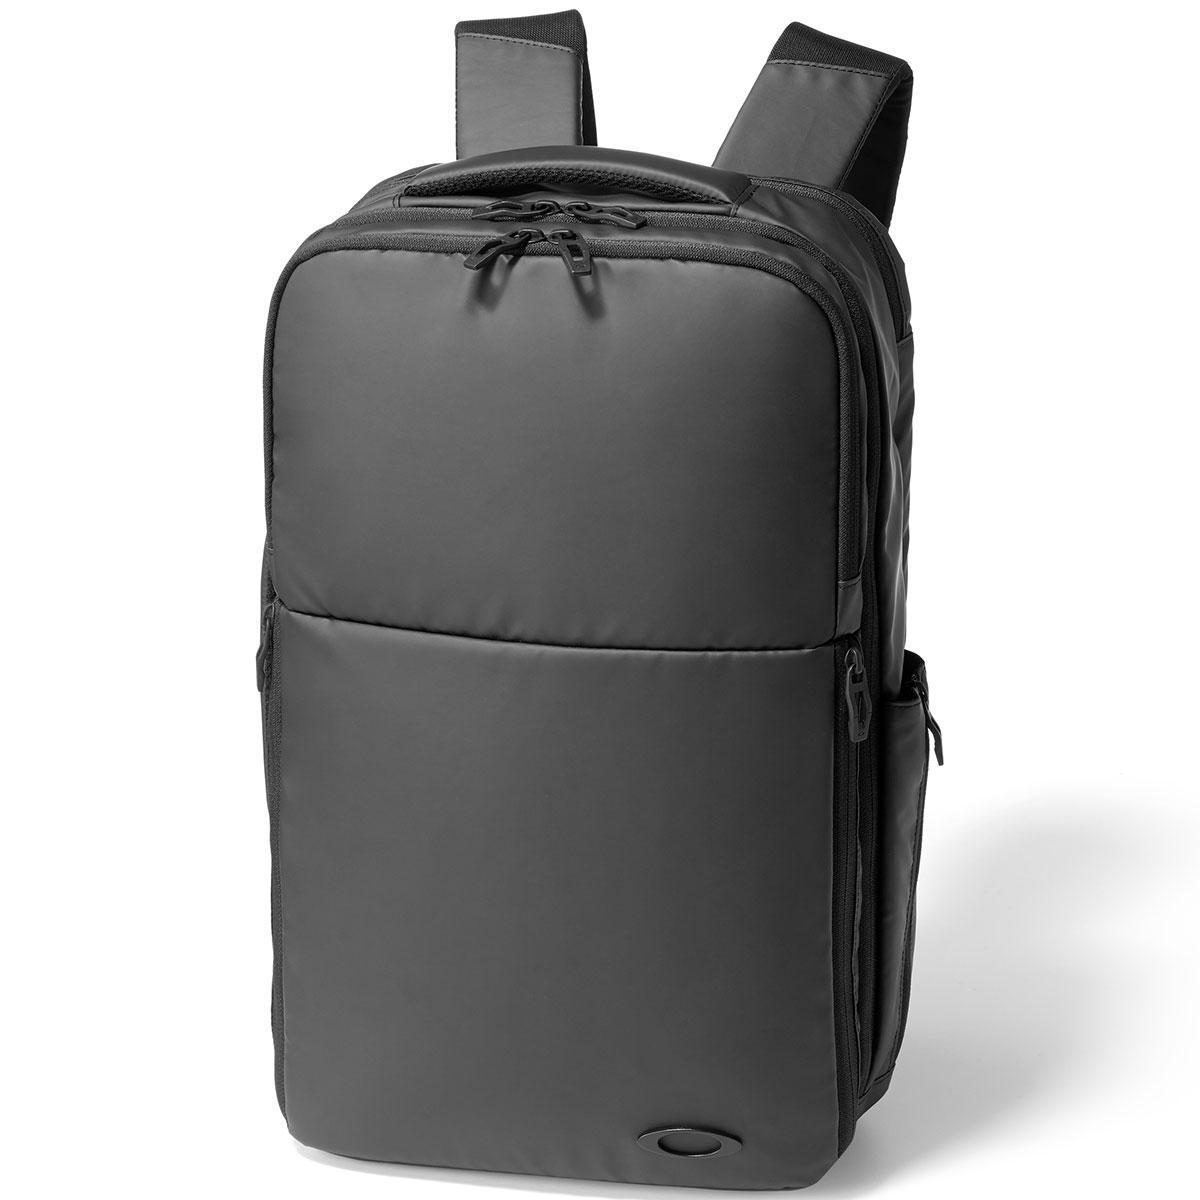 オークリー OAKLEY DIGITAL M 2.0 バックパック[ゴルフ用品 GOLF GDO ユニセックス 男女兼用 メンズ レディース 男性 女性 バッグ バック リュック リュックサック かばん 鞄 カバン おしゃれ]